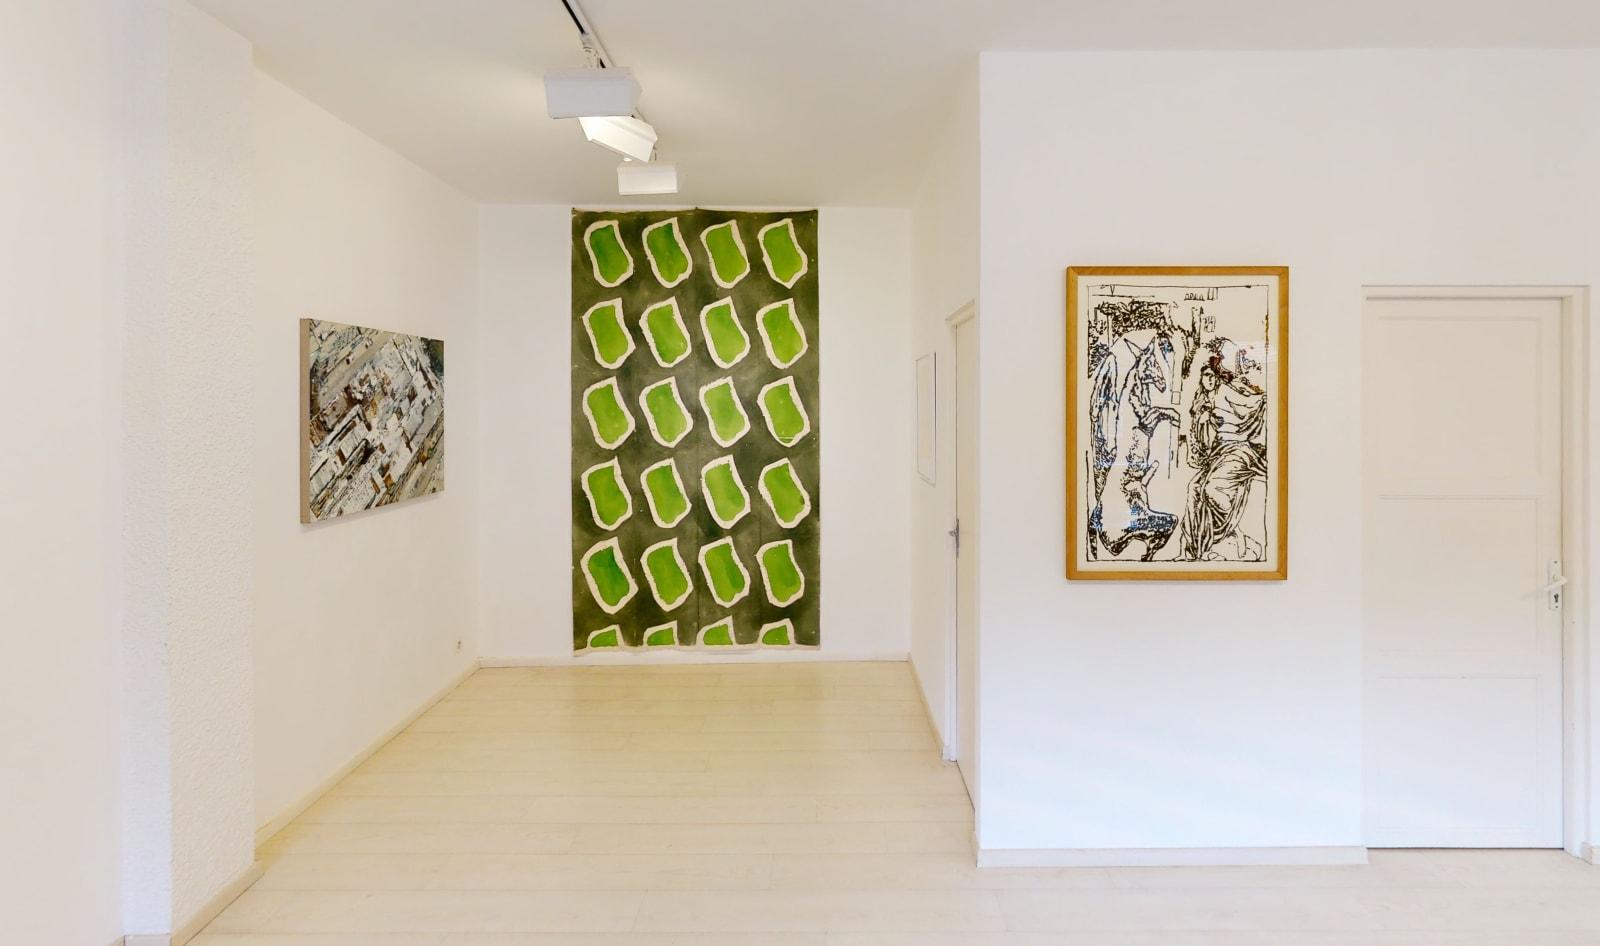 Exposition anniversaire ONIRIS 35 ANS / Philippe Cognée + Claude Viallat + JP Pincemin / Oniris été 2021